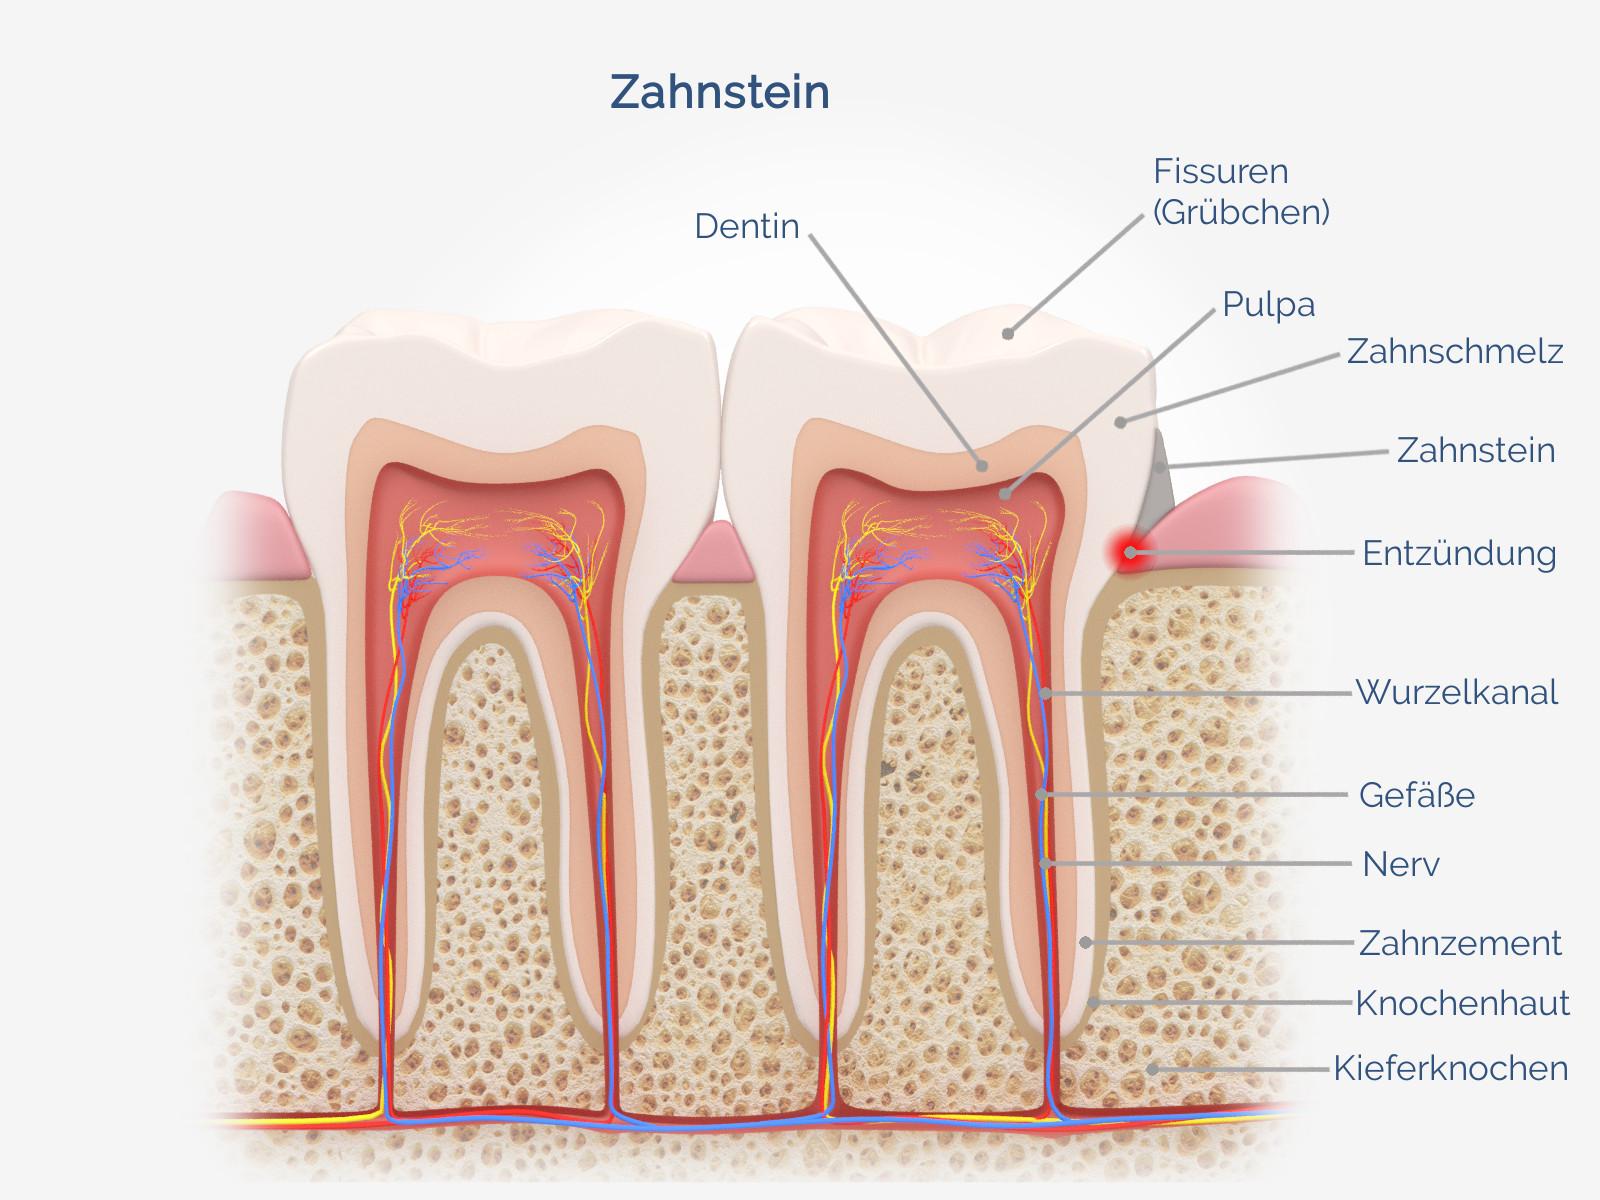 Zahnstein